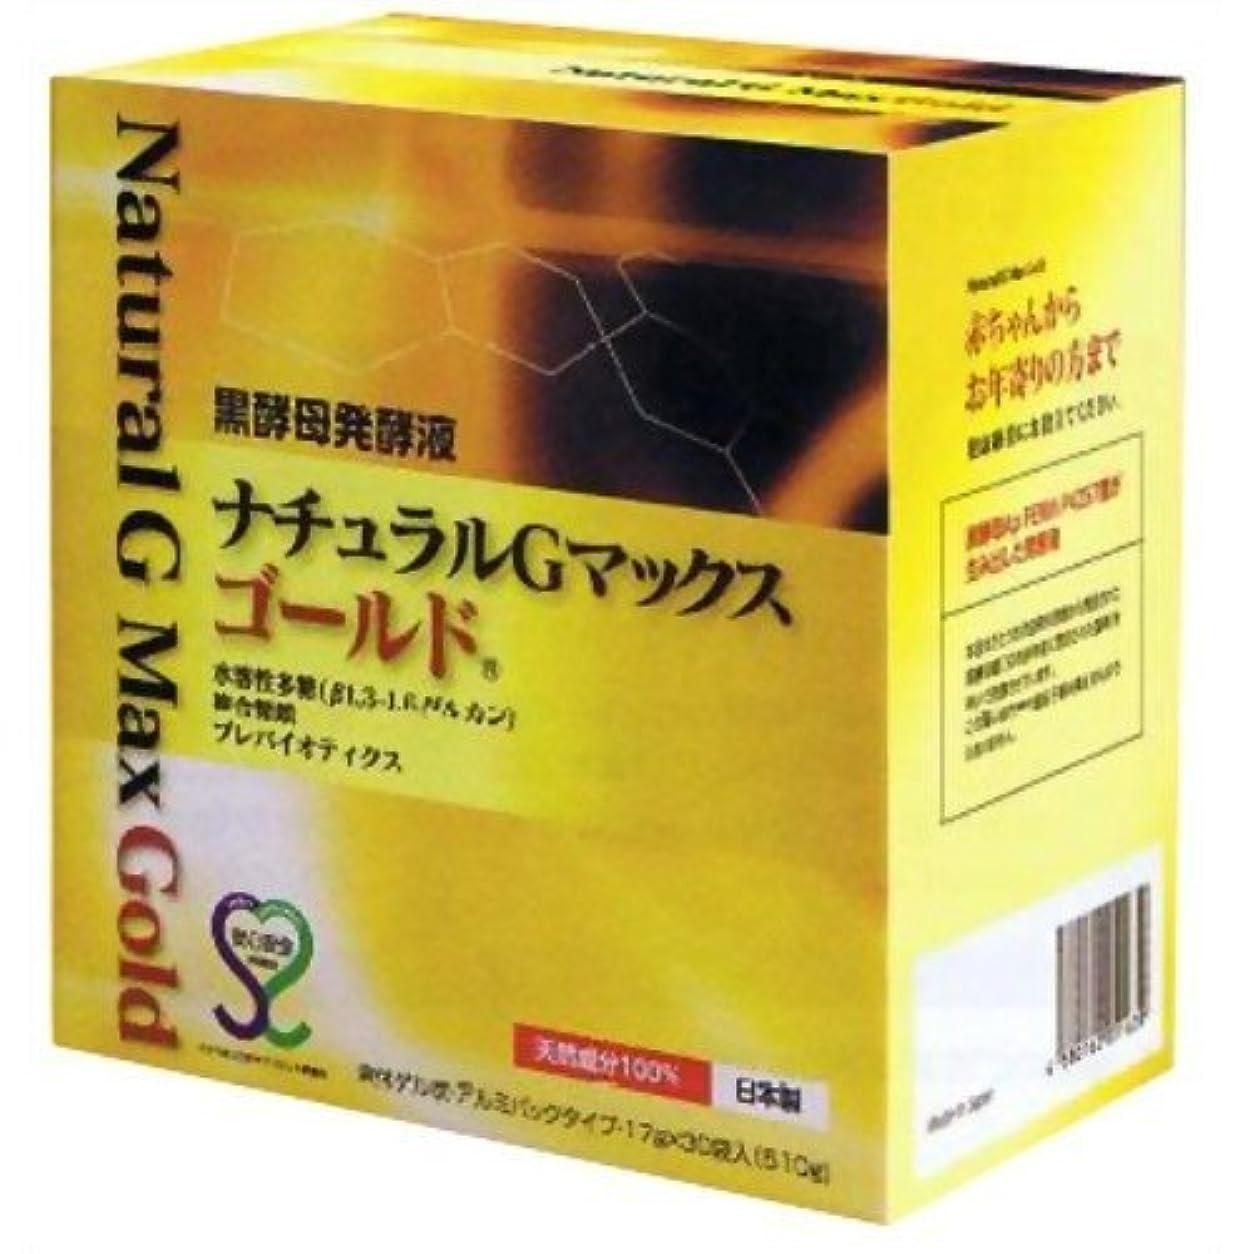 シンク意図できた黒酵母発酵液 ナチュラルGマックスゴールド 17g×30袋